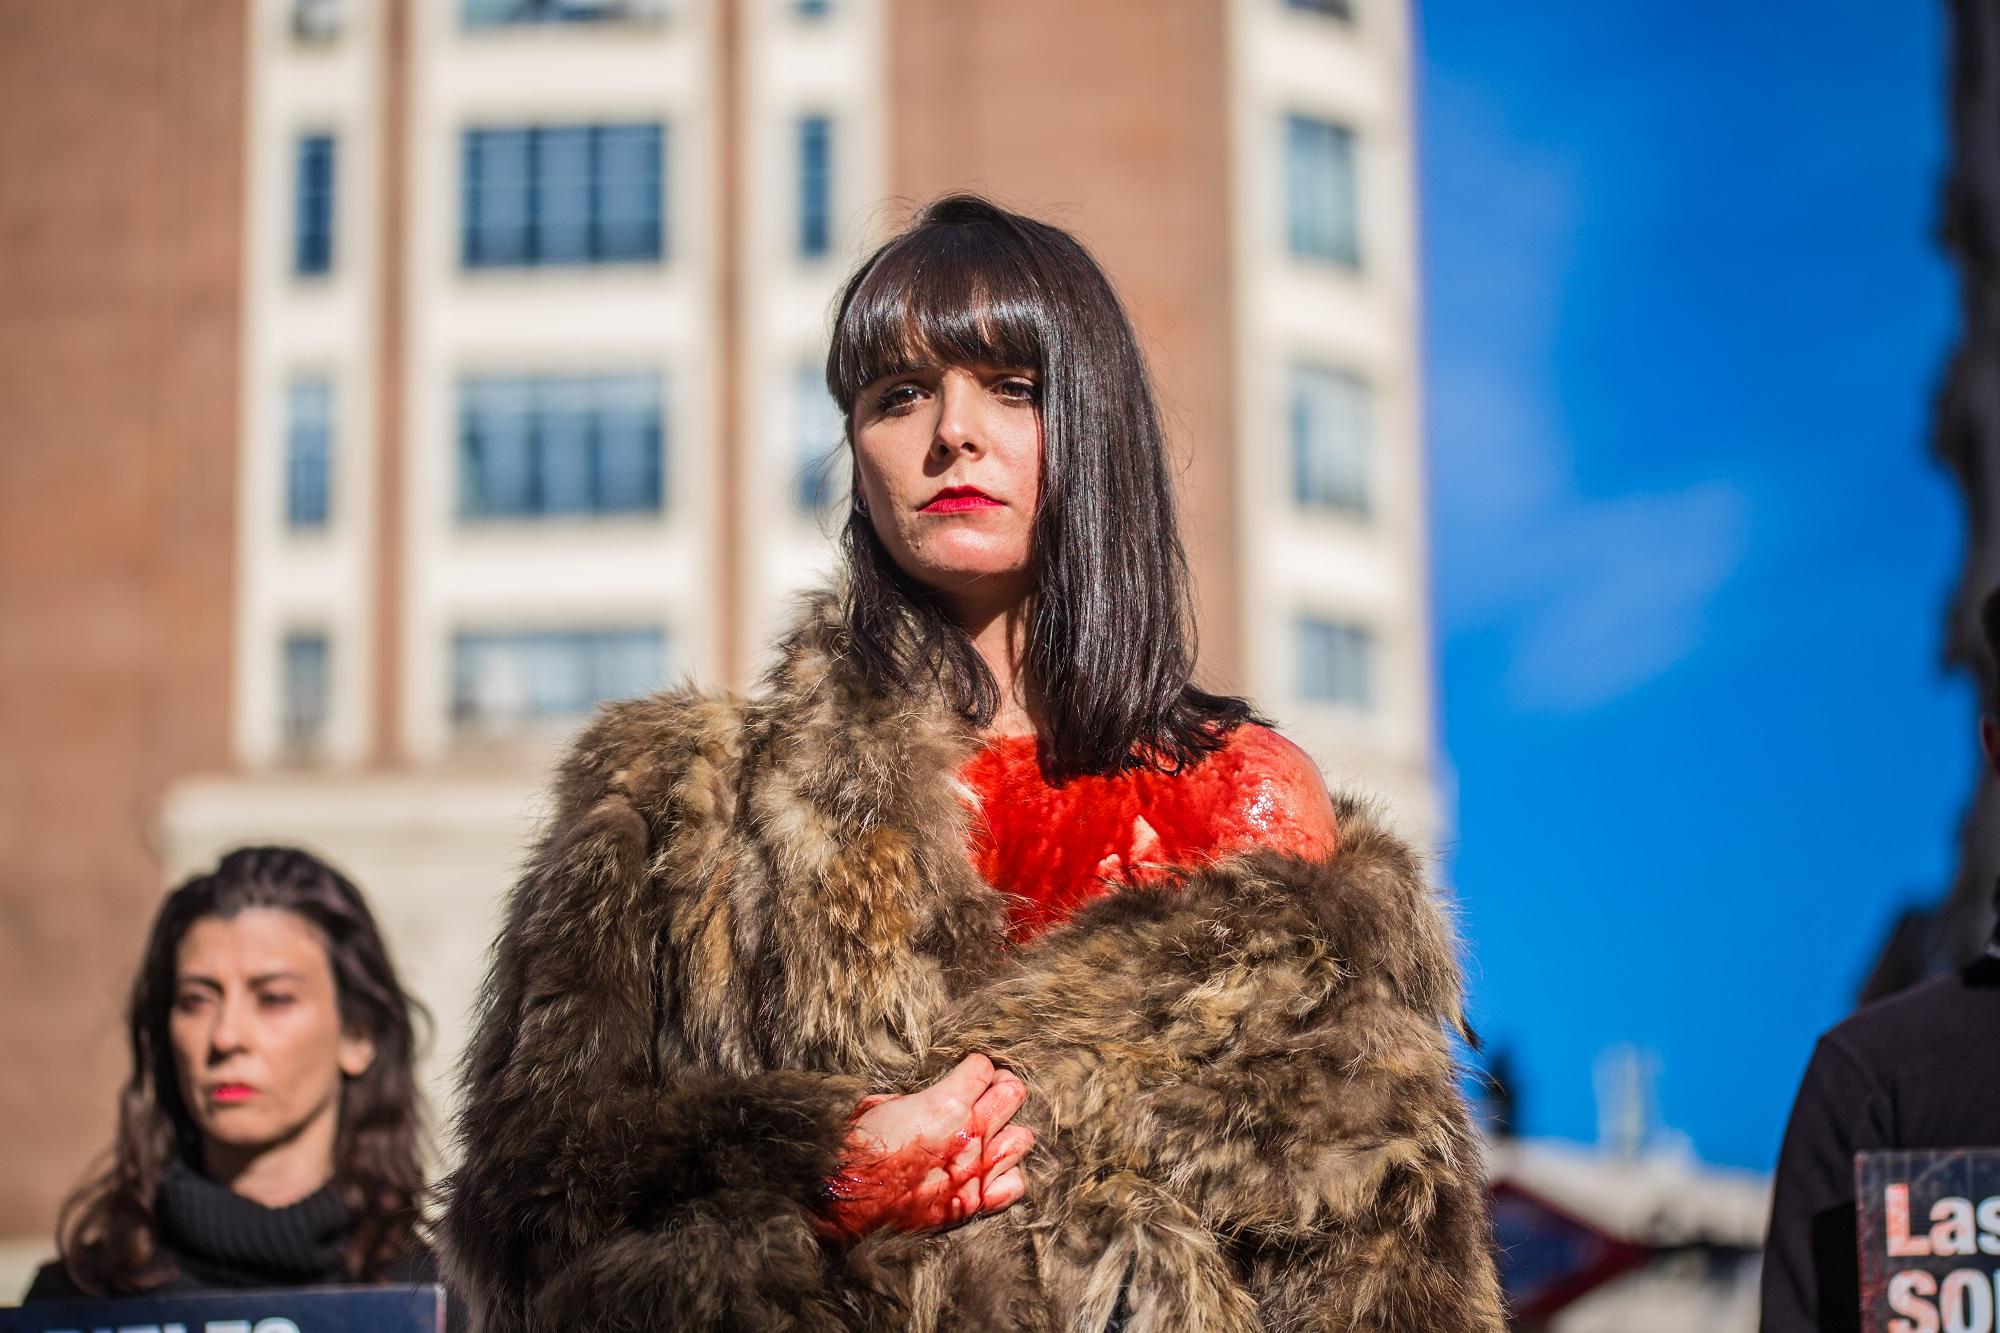 En lucha contra una moda asesina, cruel e inútil